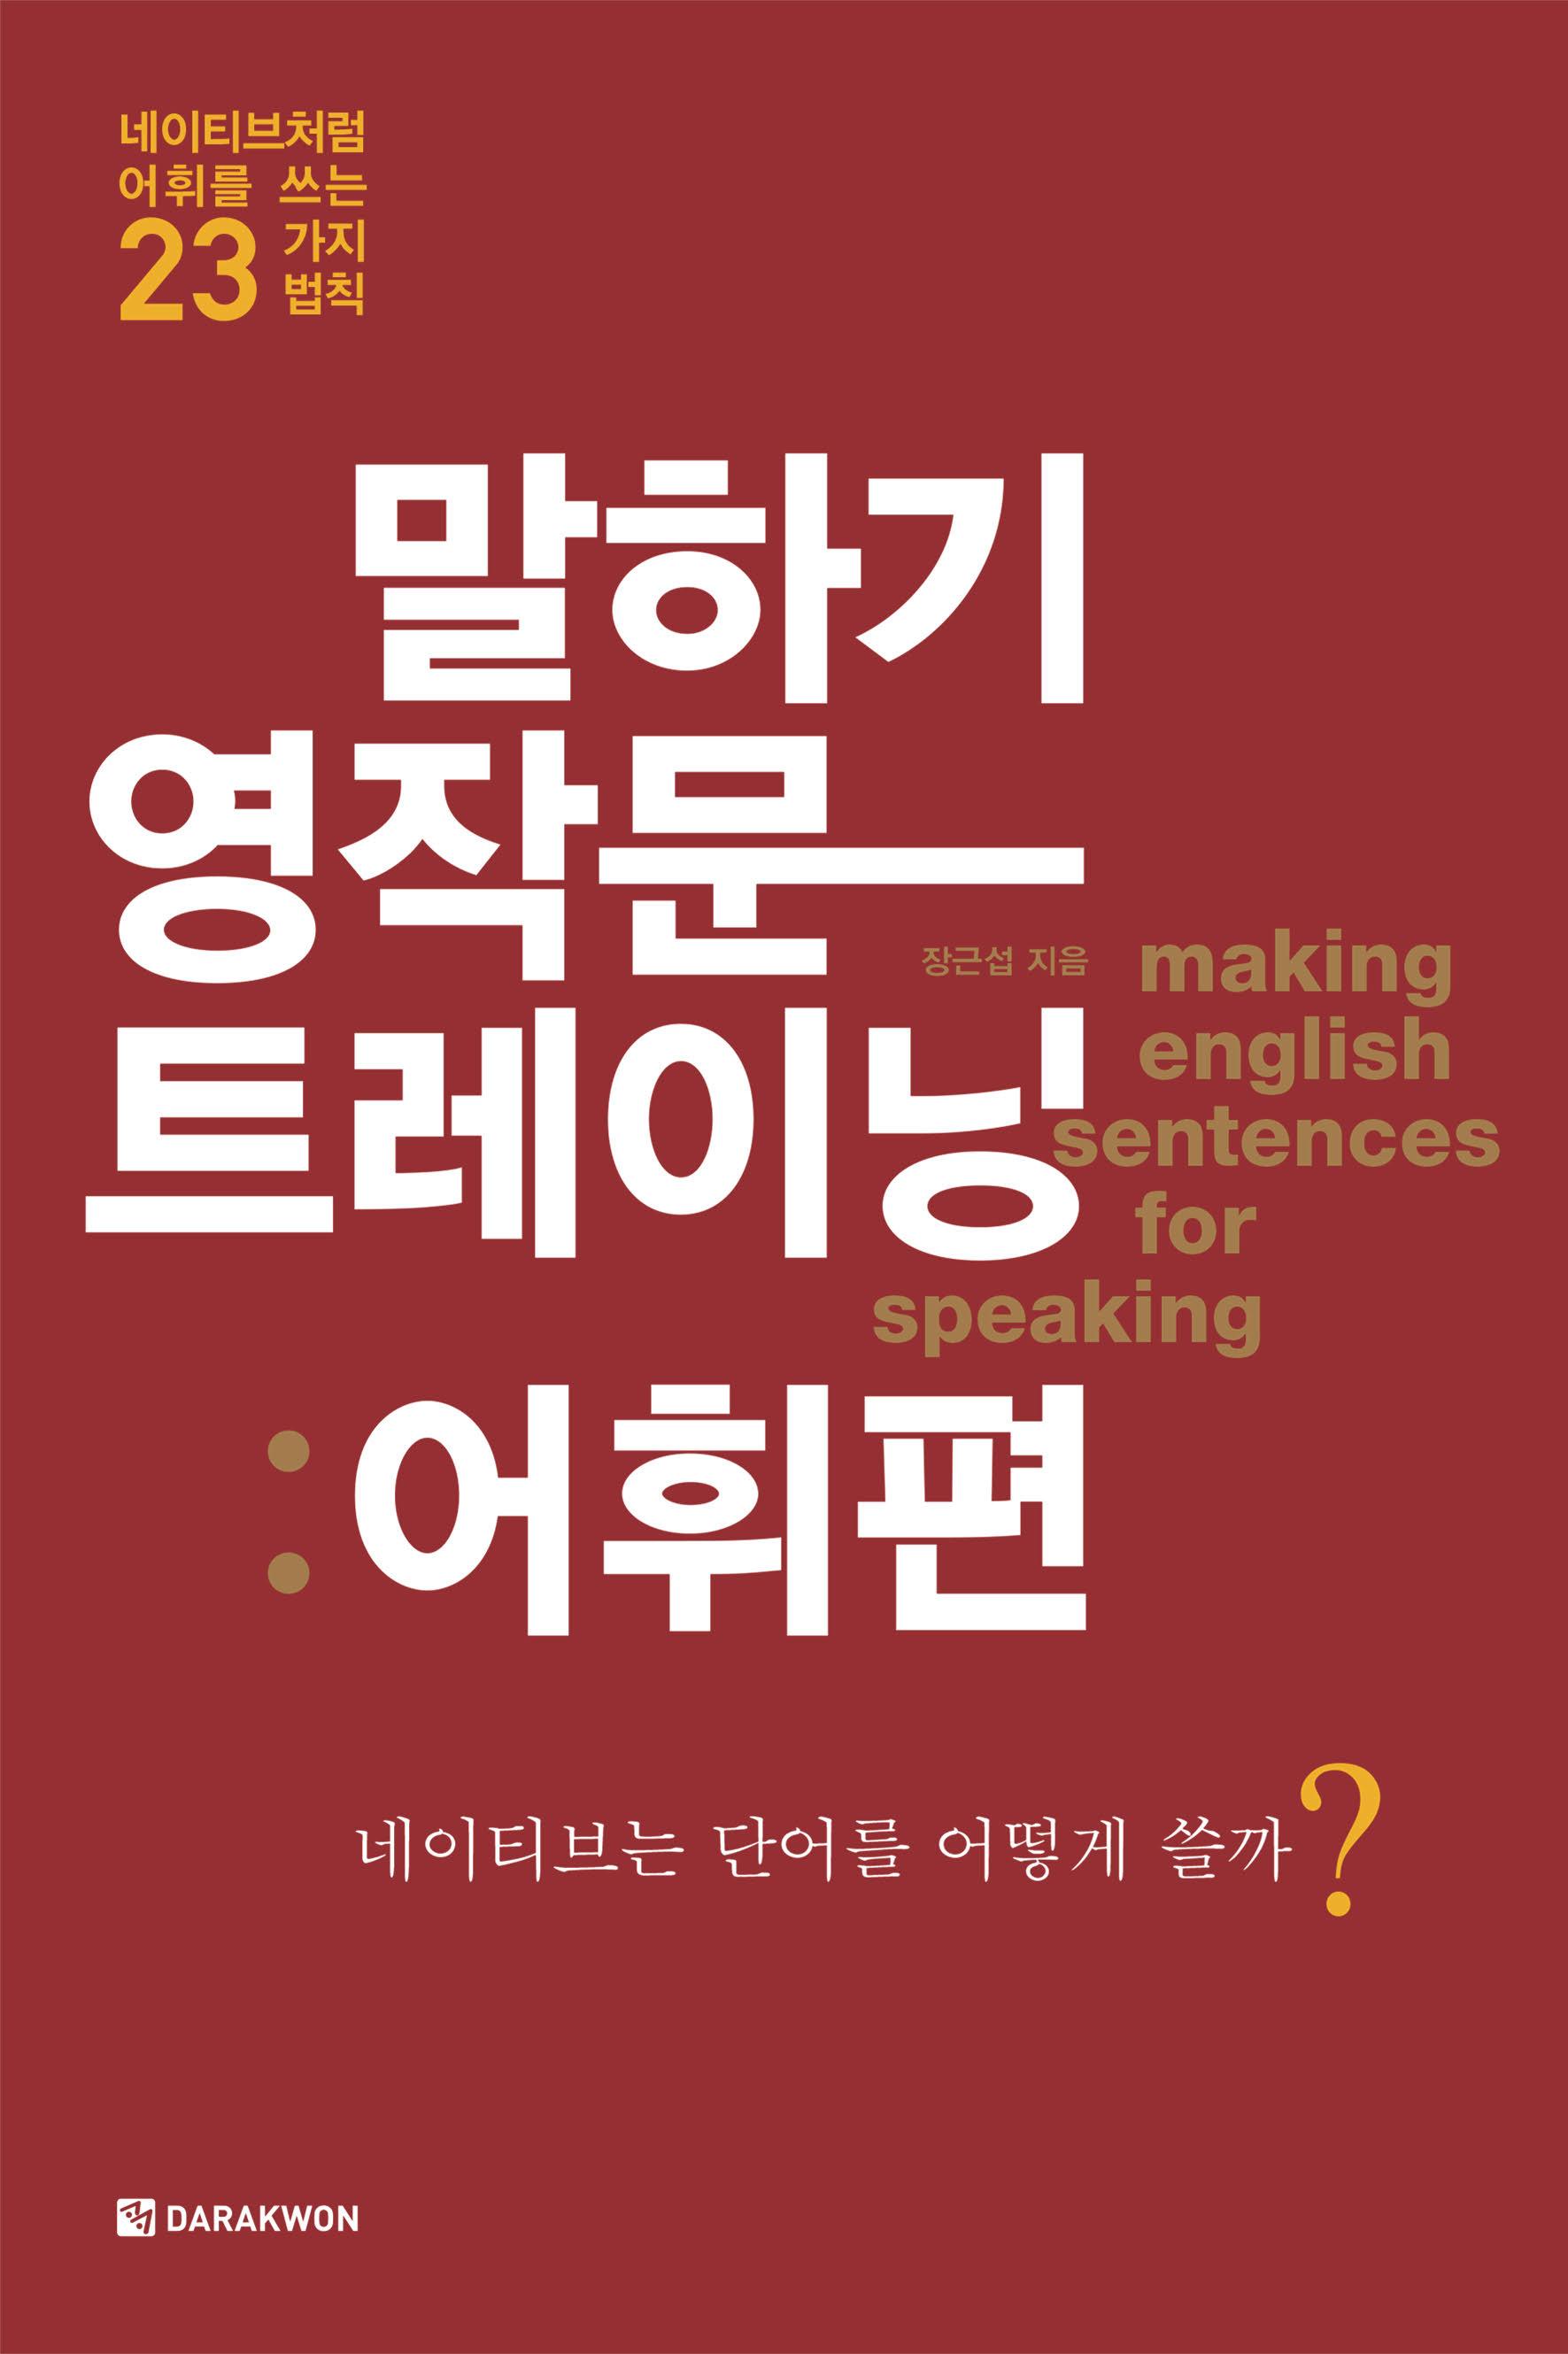 [말하기 영작문 트레이닝] 말하기 영작문 트레이닝|어휘편 : 네이티브처럼 어휘를 쓰는 23가지 법칙